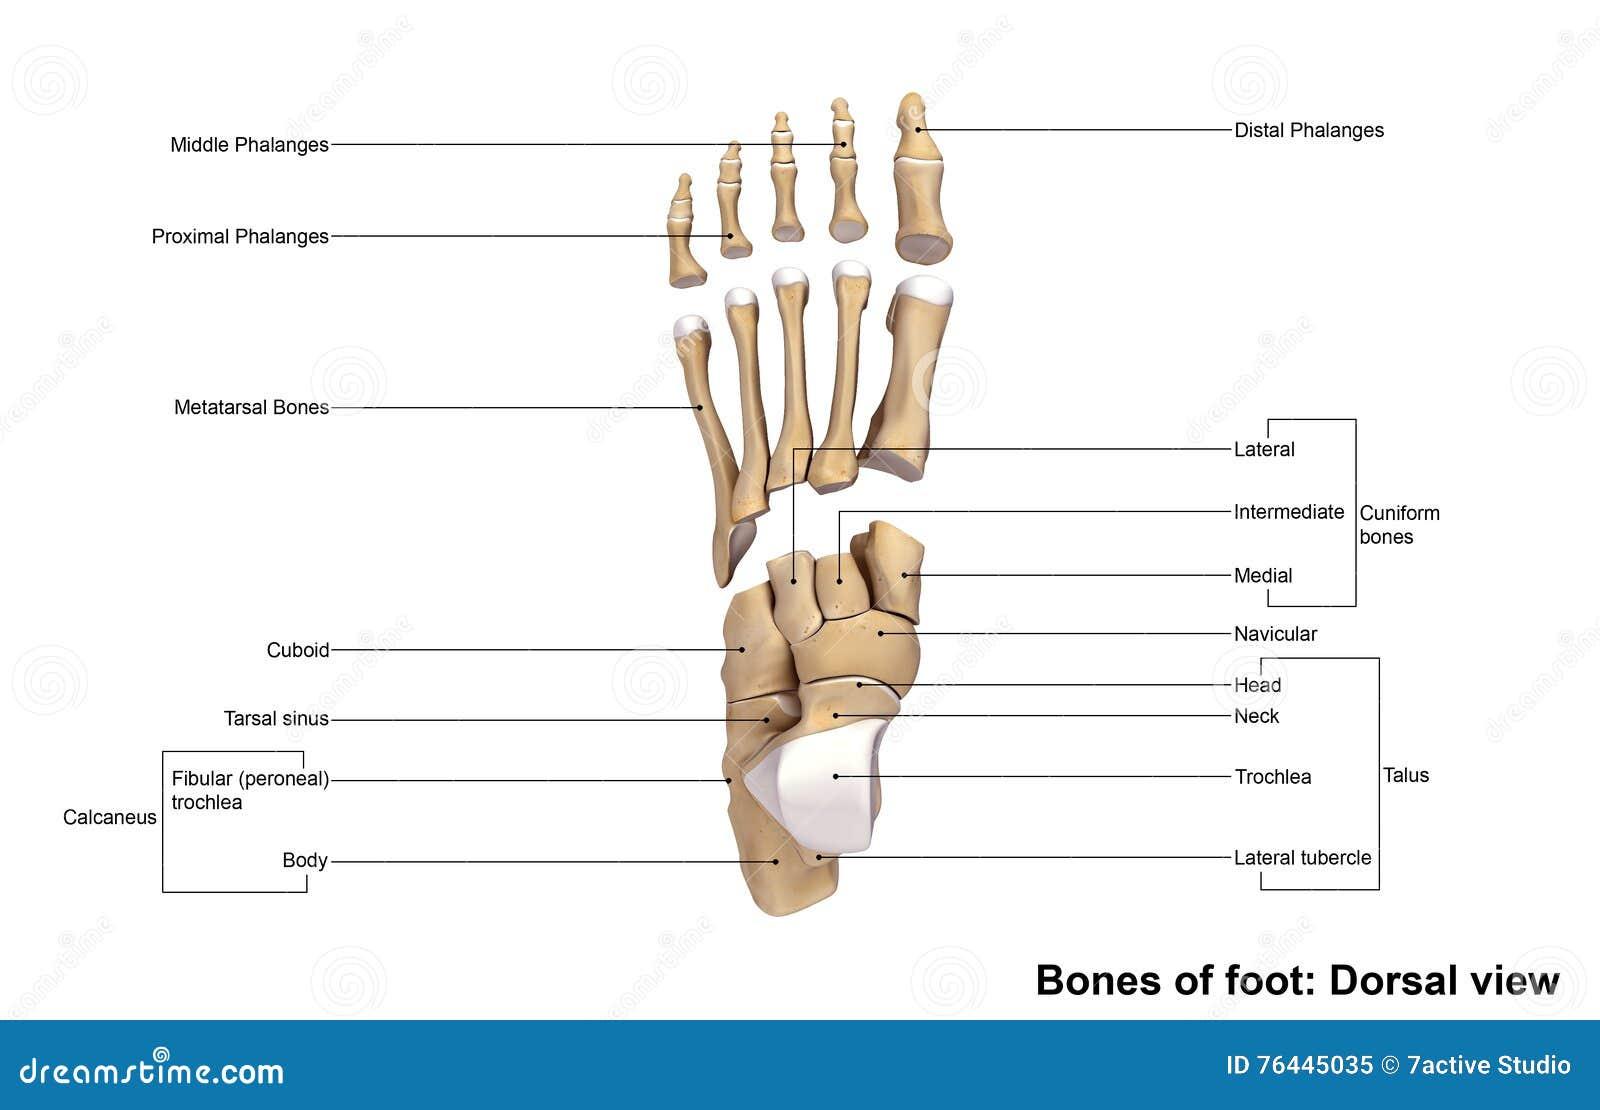 Dorsale Ansicht des Fußes stockbild. Bild von anatomisch - 76445035